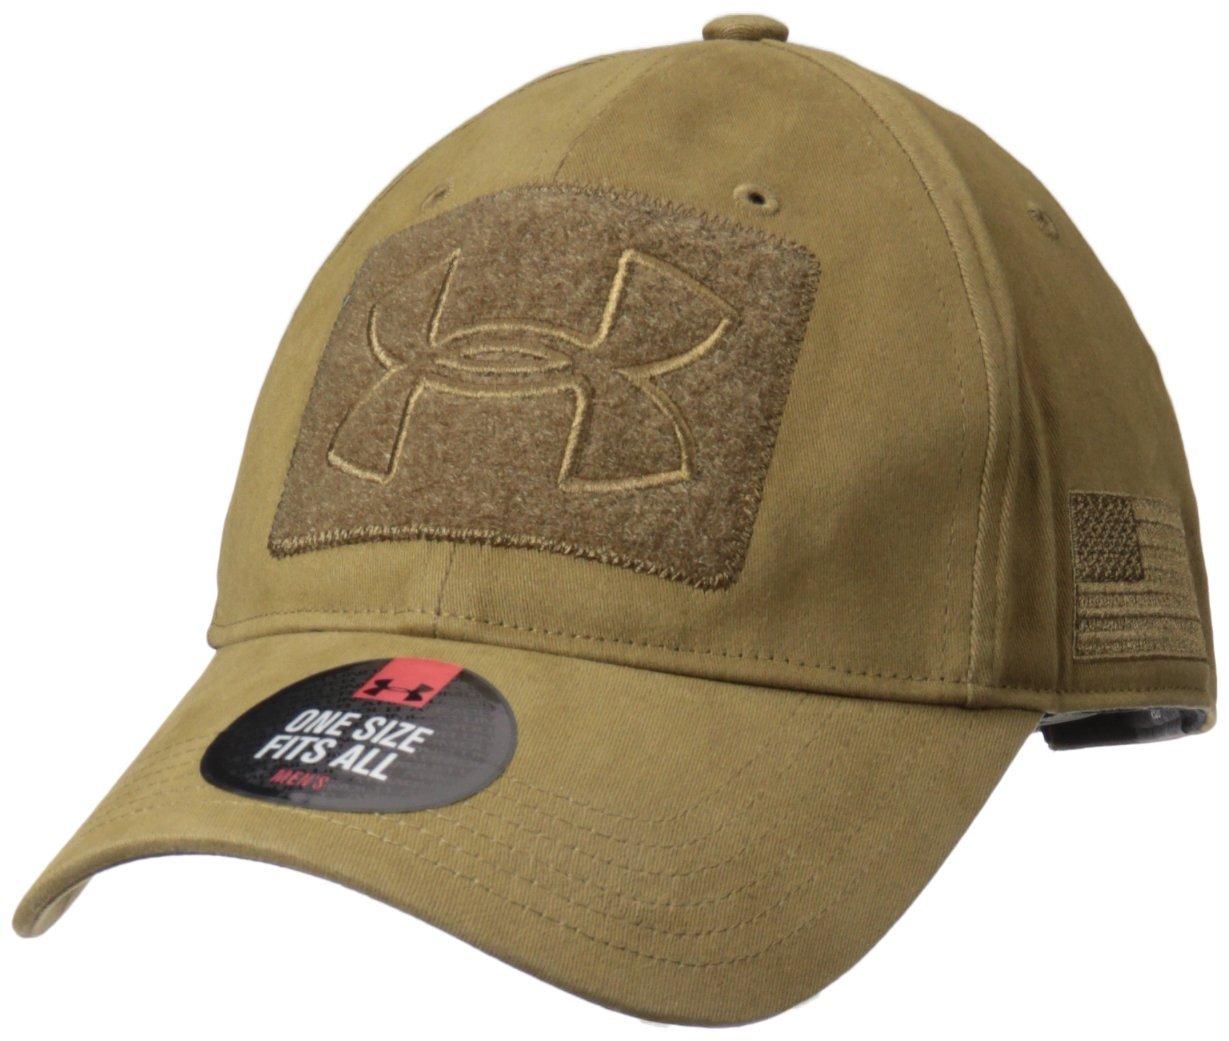 Under Armour Men s Tactical Patch Cap  16.99 cdcbb1db9c0